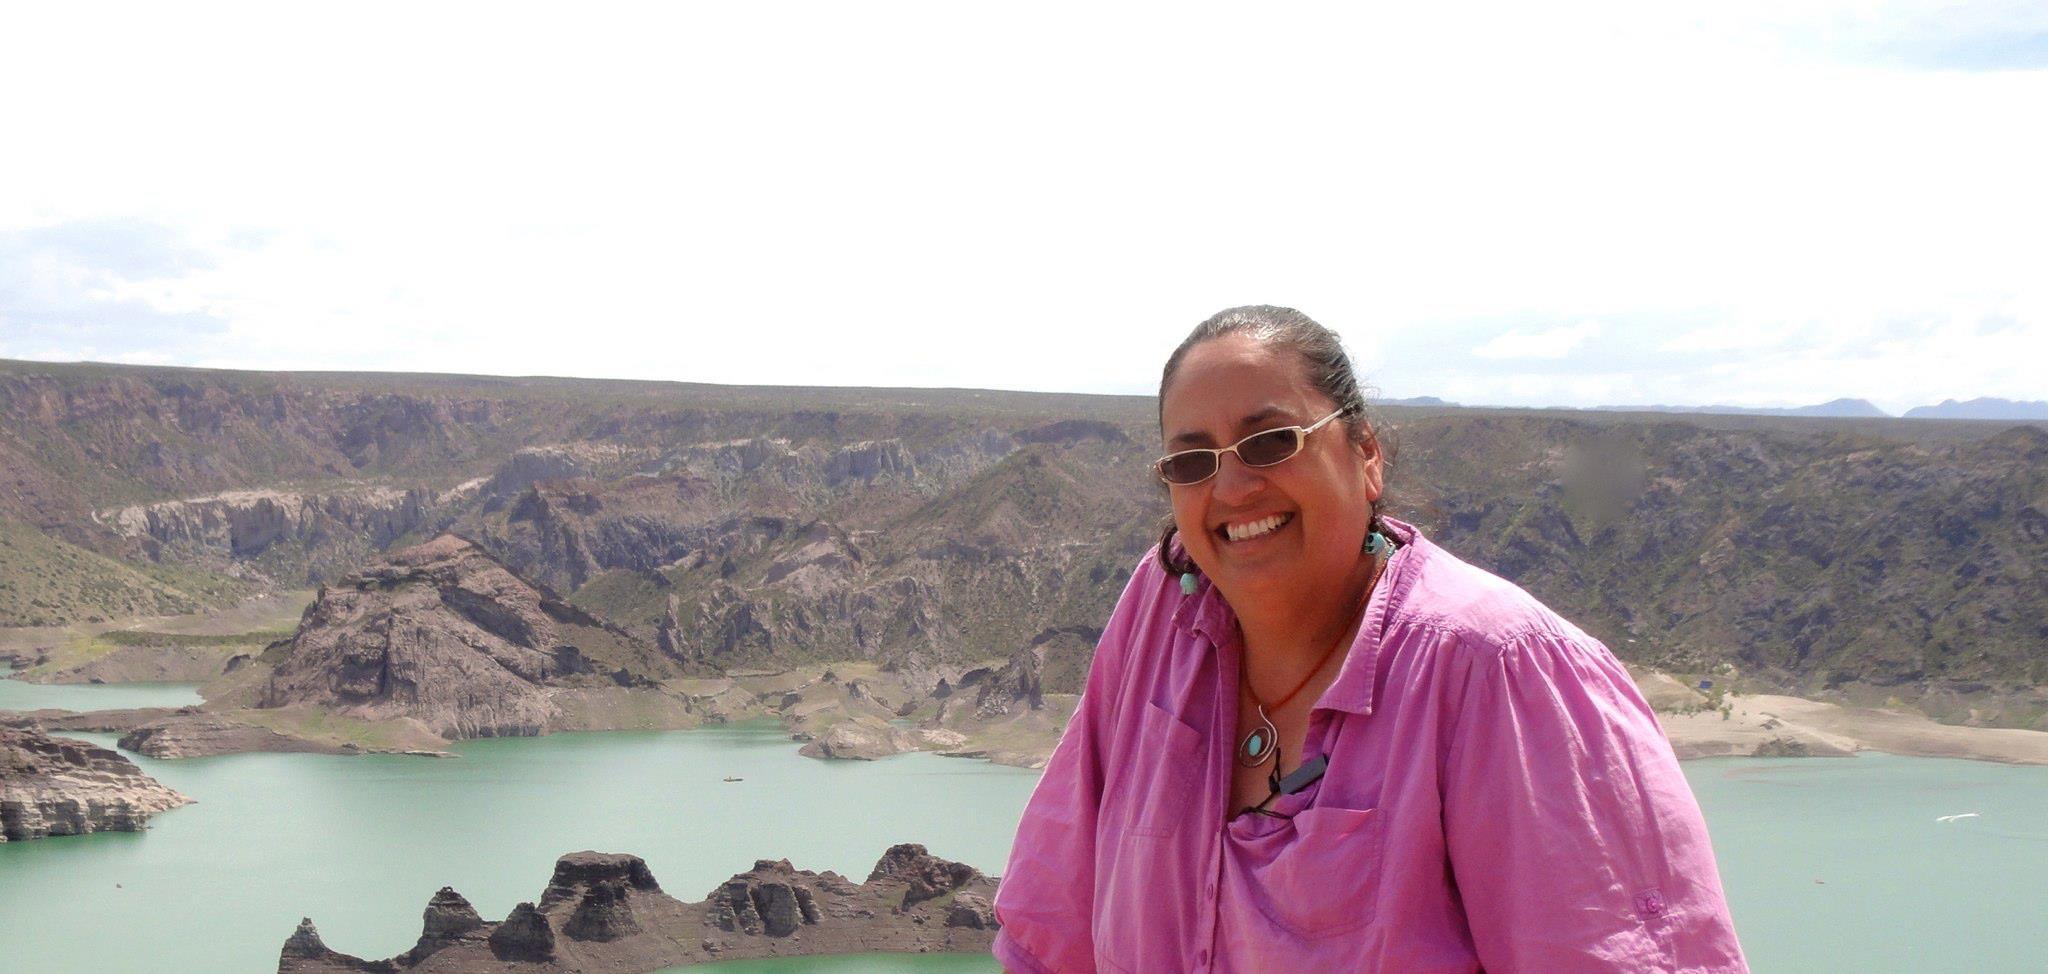 dr  consuelo s  manr u00edquez  u2013 manriquez  consuelo  u2013 darnall